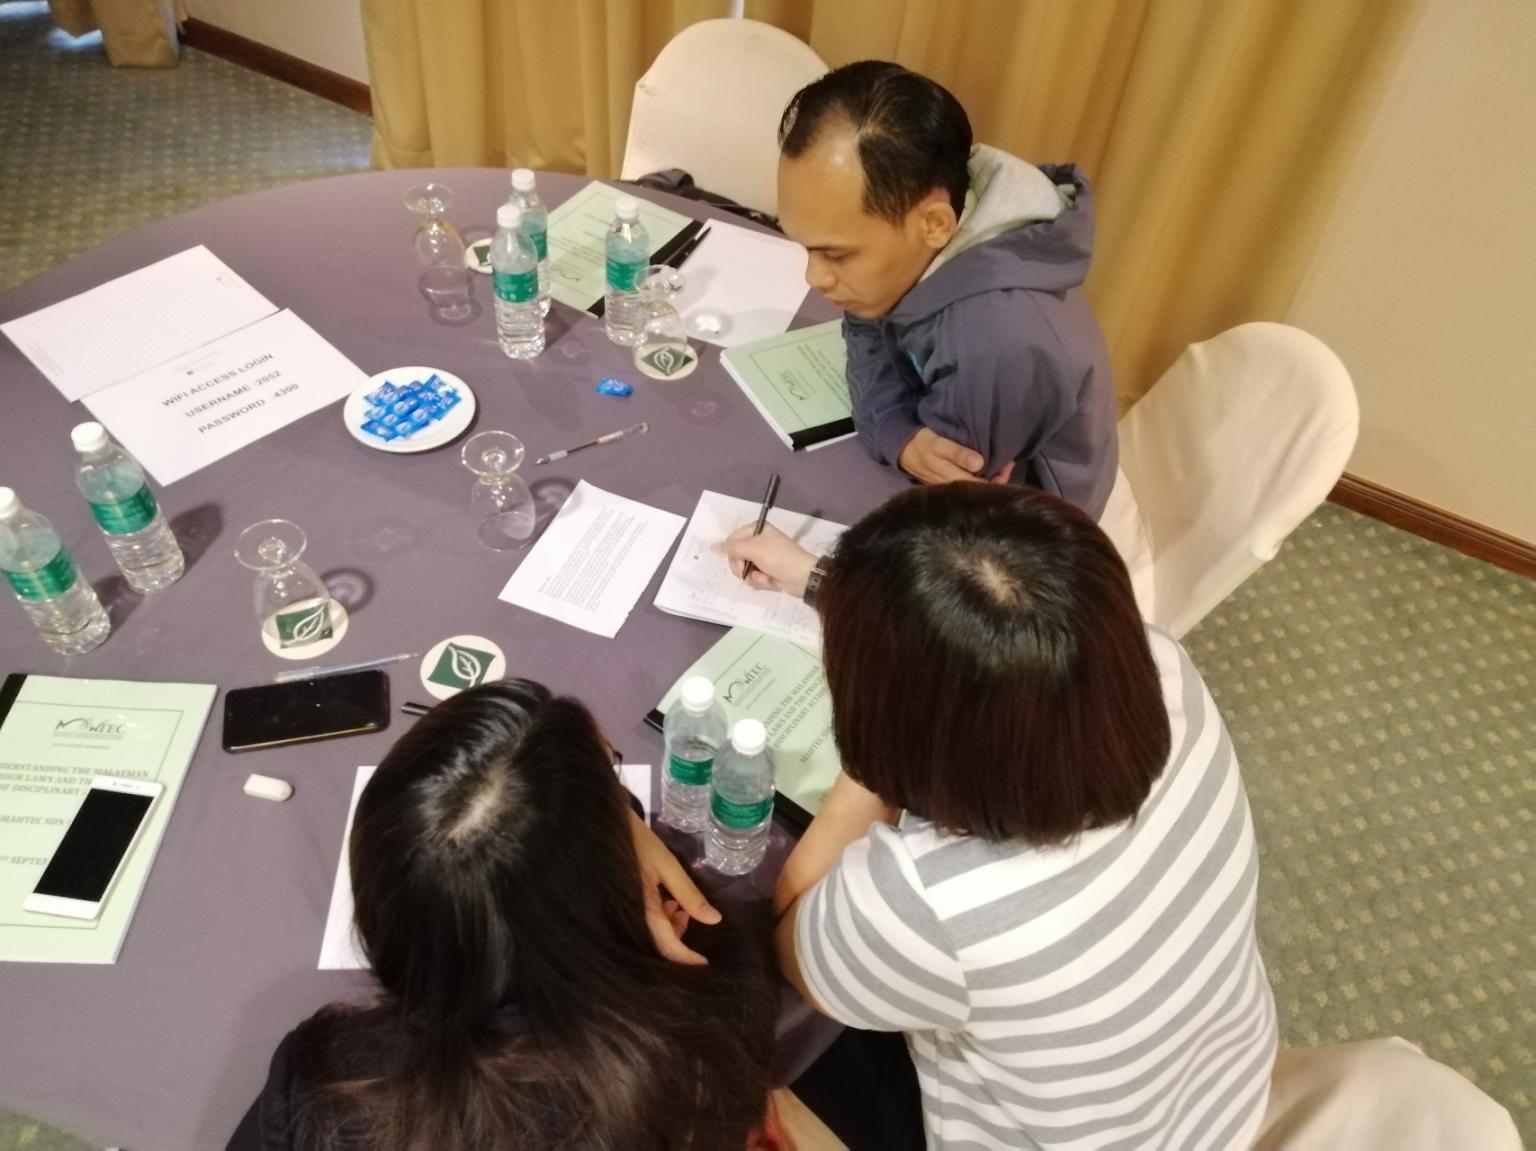 Malaysian Hotels Association (Kuala Lumpur Chapter)